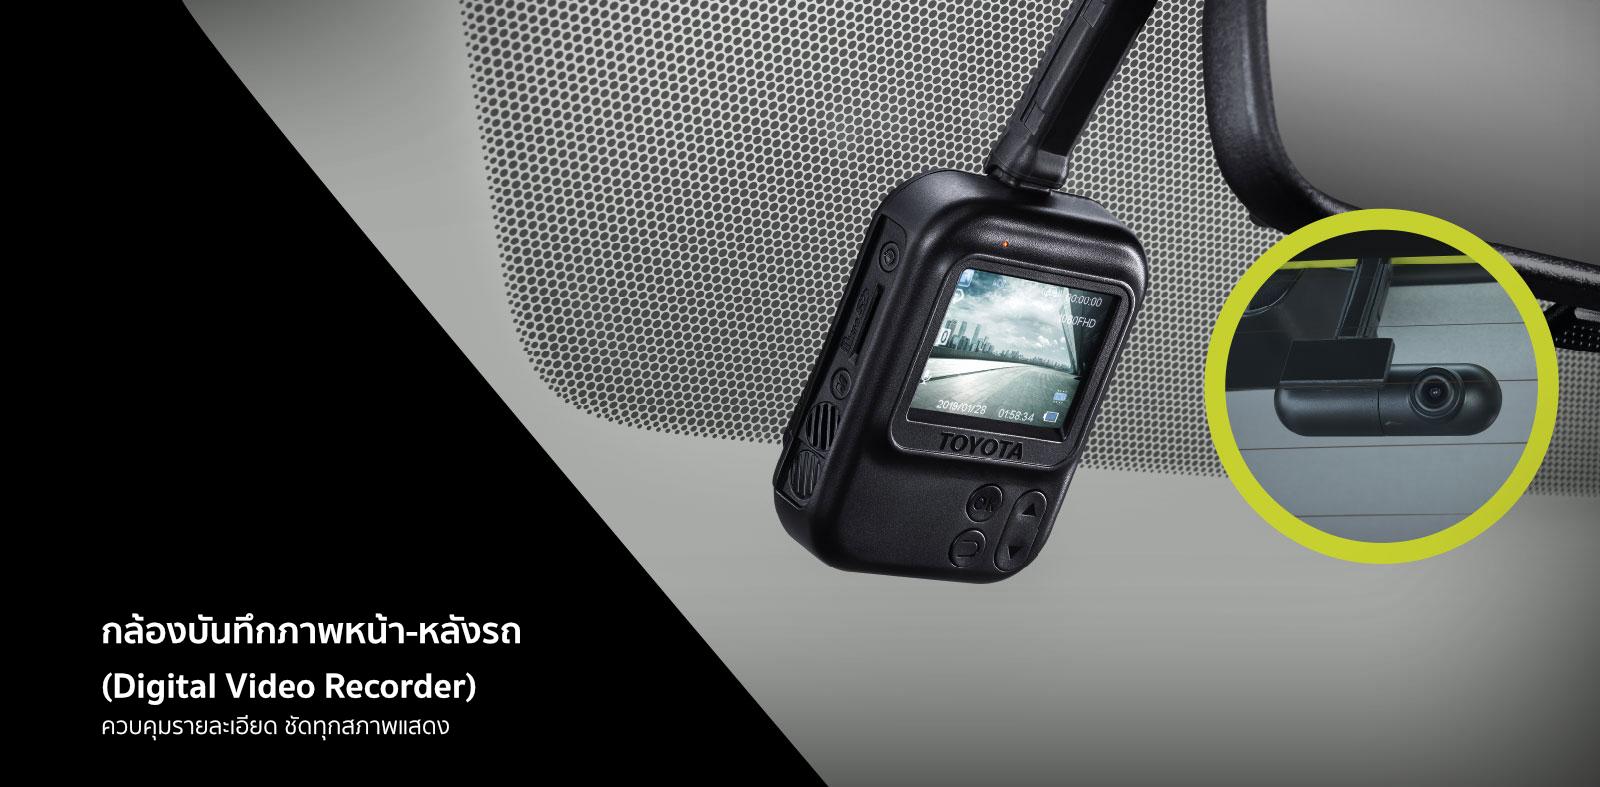 กล้องบันทึกภาพหน้า-หลังรถ (Digital Video Recorder) ควบคุมรายละเอียด ชัดทุกสภาพแสดง